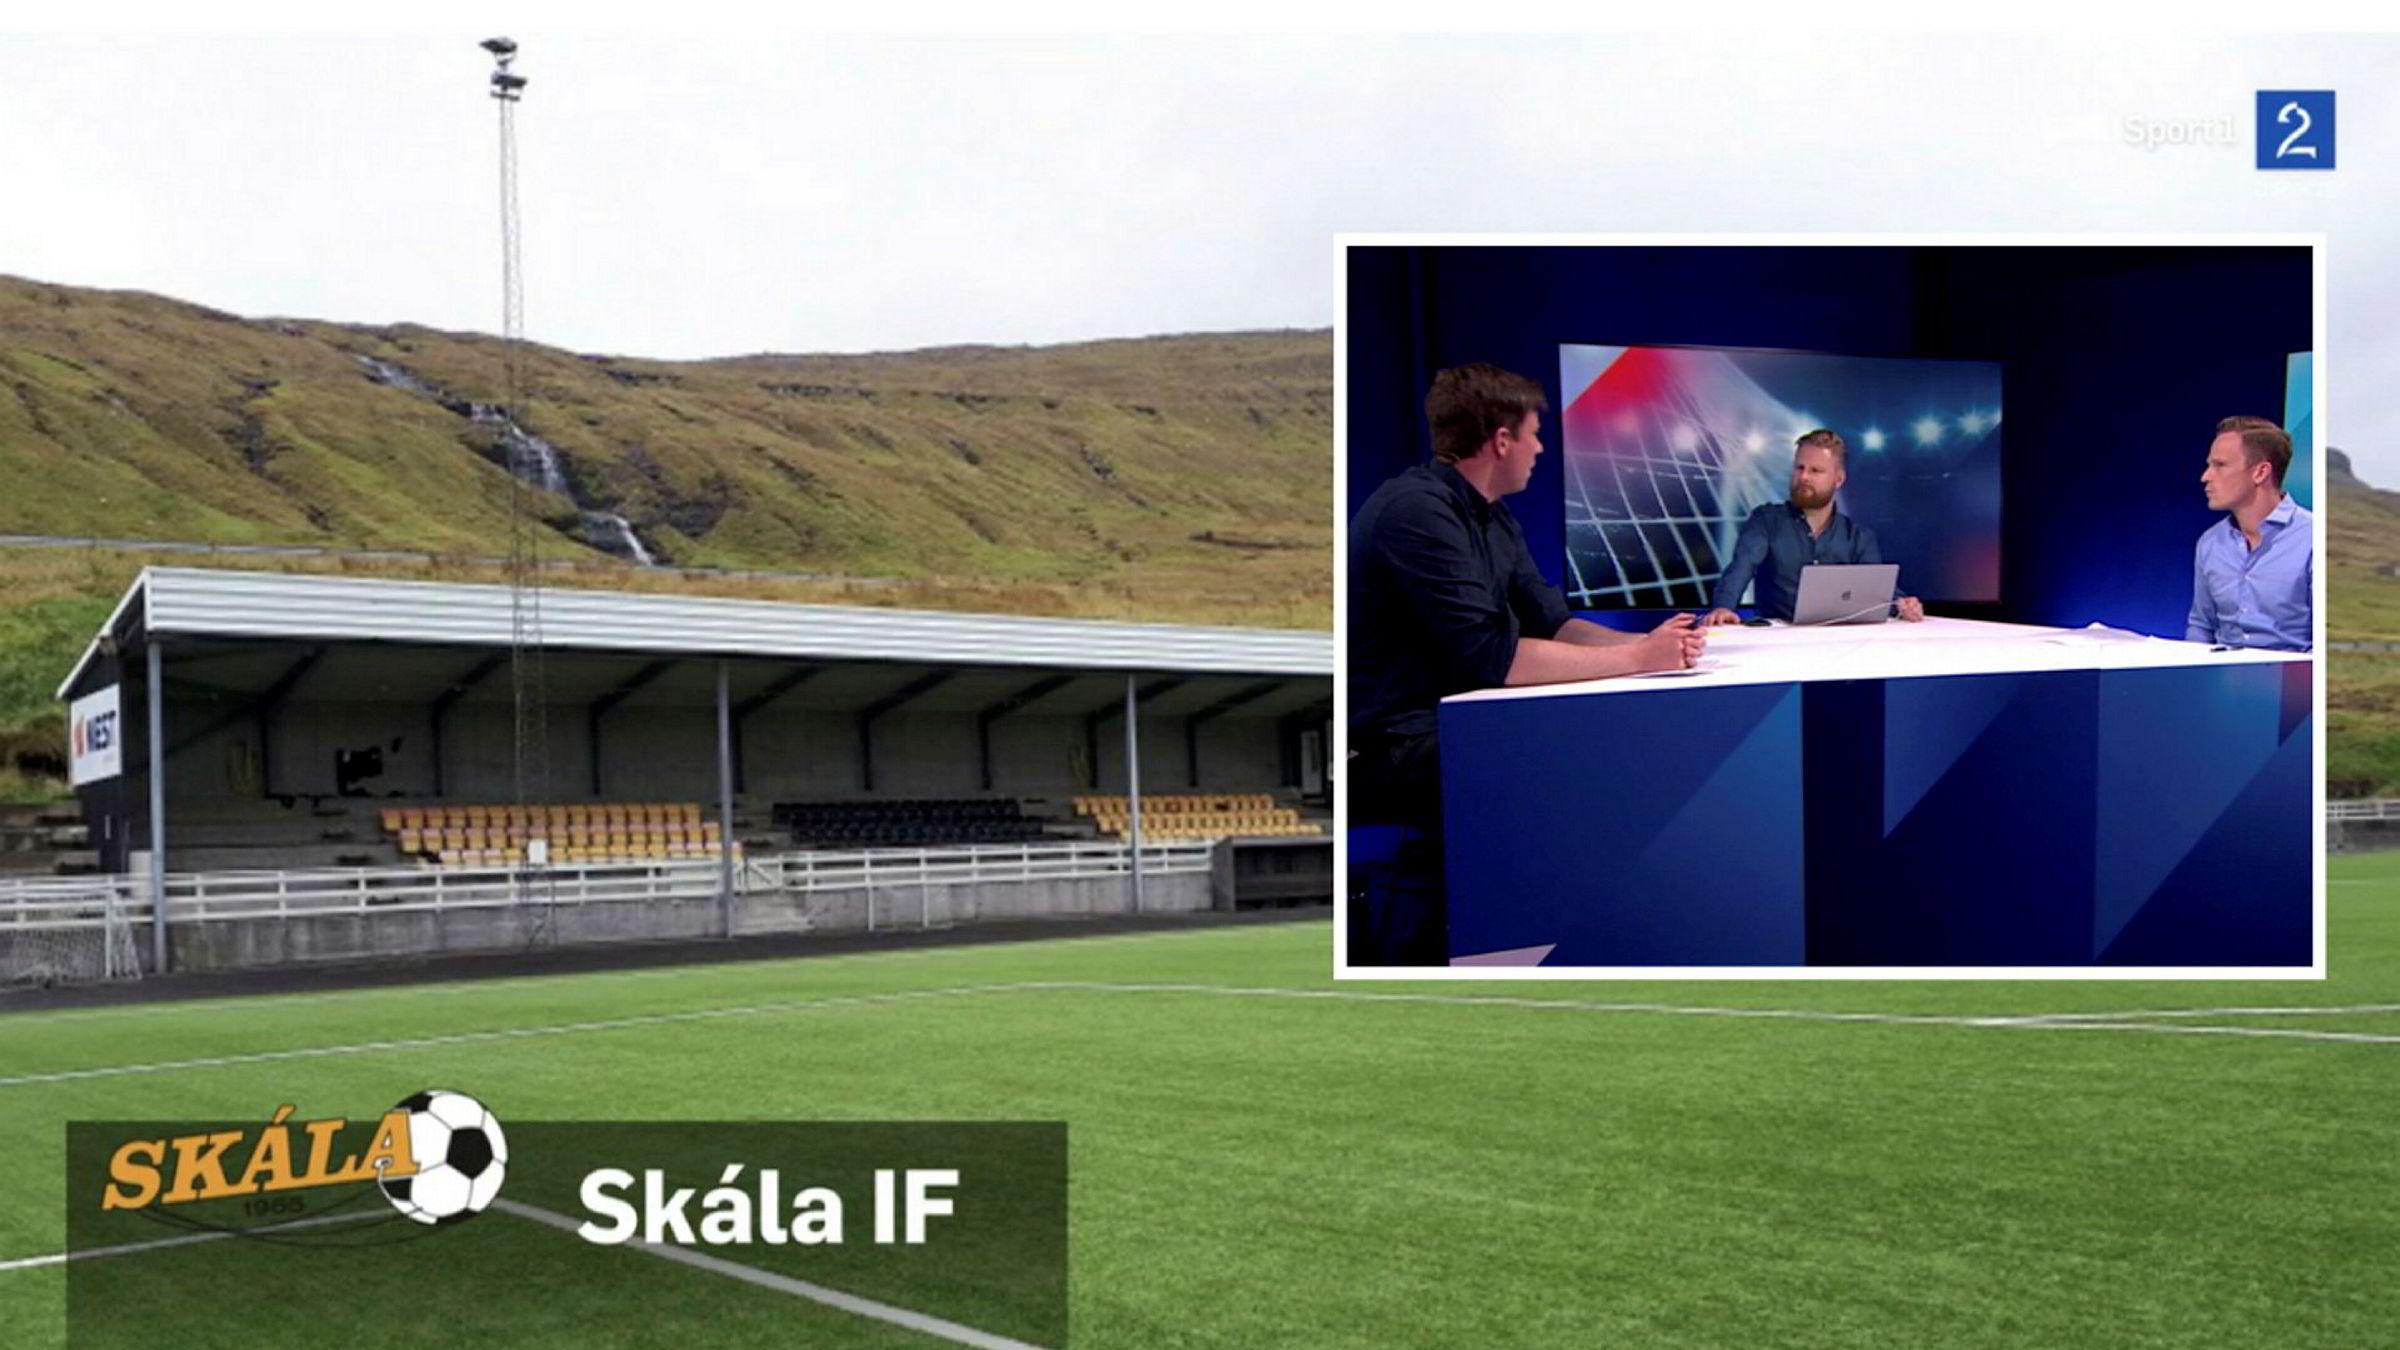 Færøysk fotball fenger. Det lille landet Færøyene er ikke nødvendigvis kjent for fotballigaen sin, likevel var 77.000 nordmenn innom TV 2s fotballsending fra den færøyske ligaen, som ble ledet av programleder Marius Skjelbæk (midten), med ekspertene Jesper Mathisen (til venstre) og Simen Stamsø Møller.